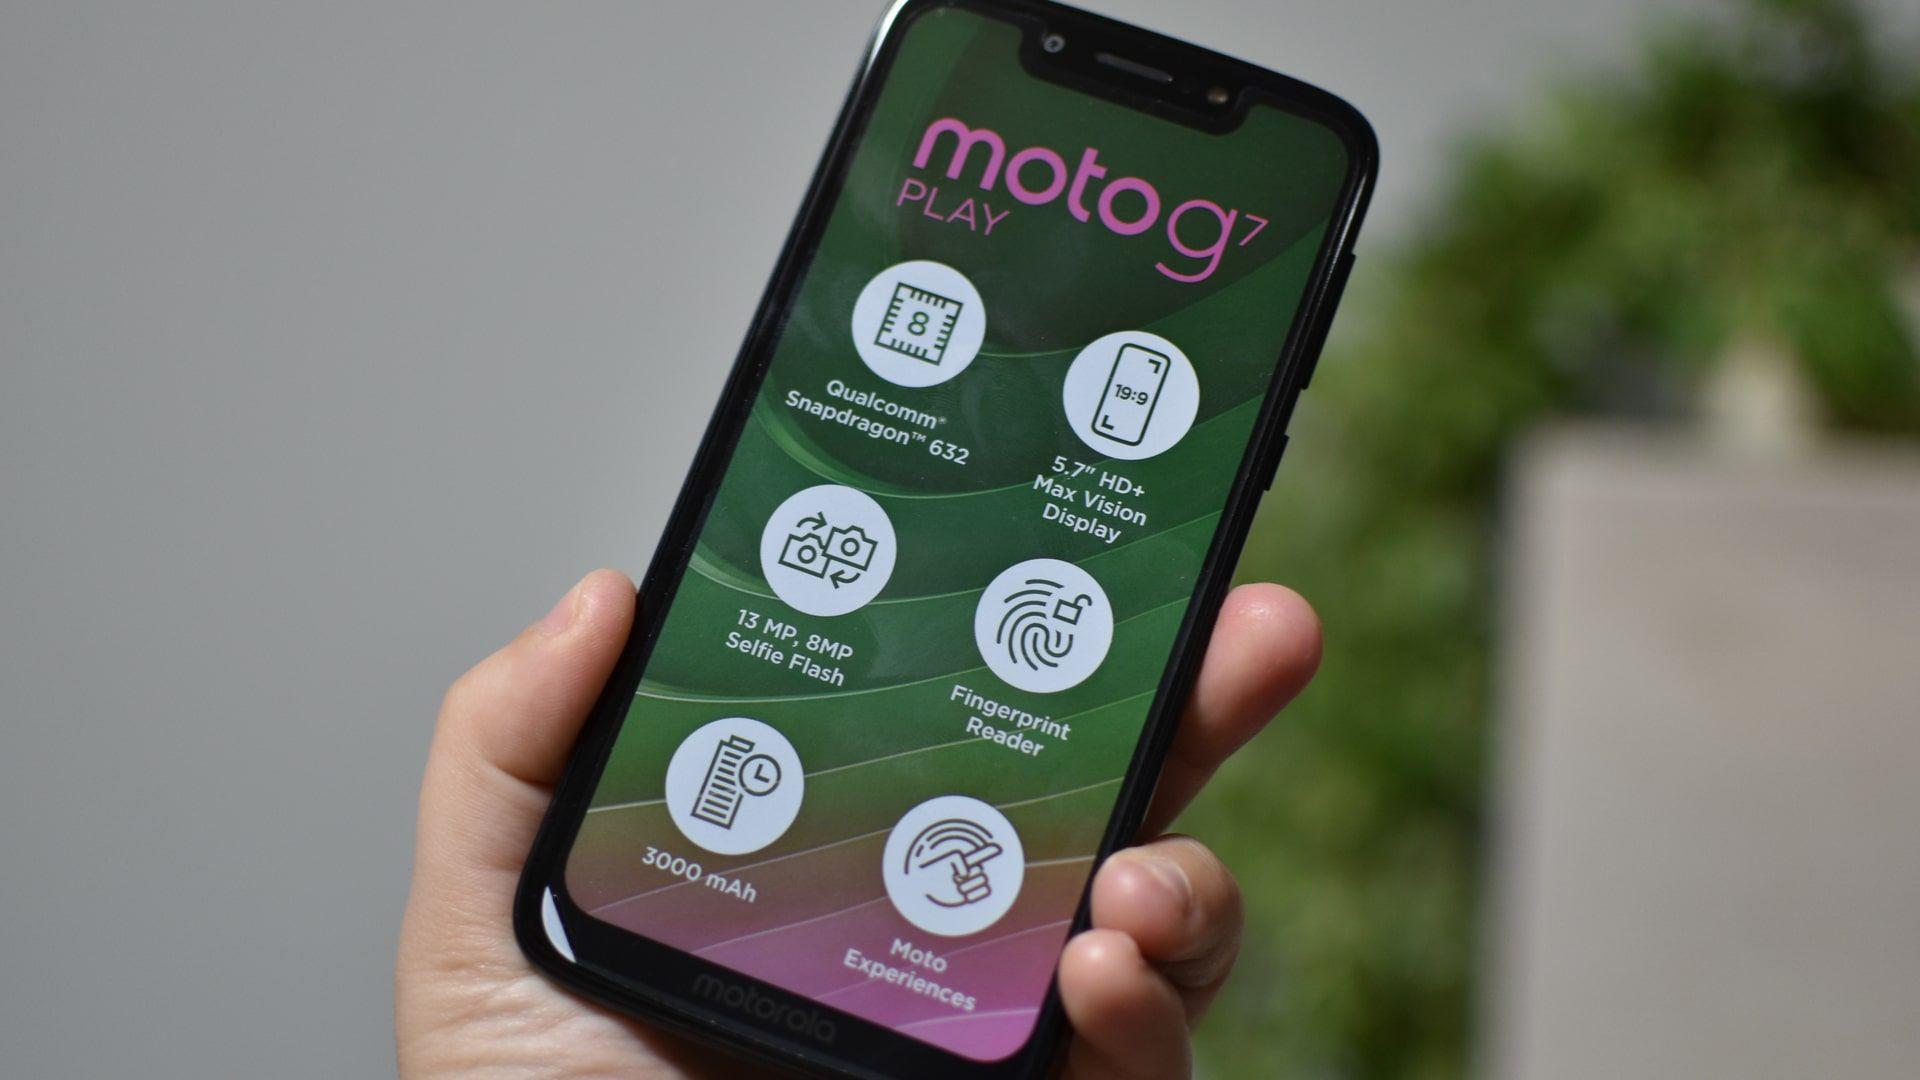 Moto G7 Play é um celular Motorola barato à venda no Brasil em 2021 (Foto: Shutterstock)